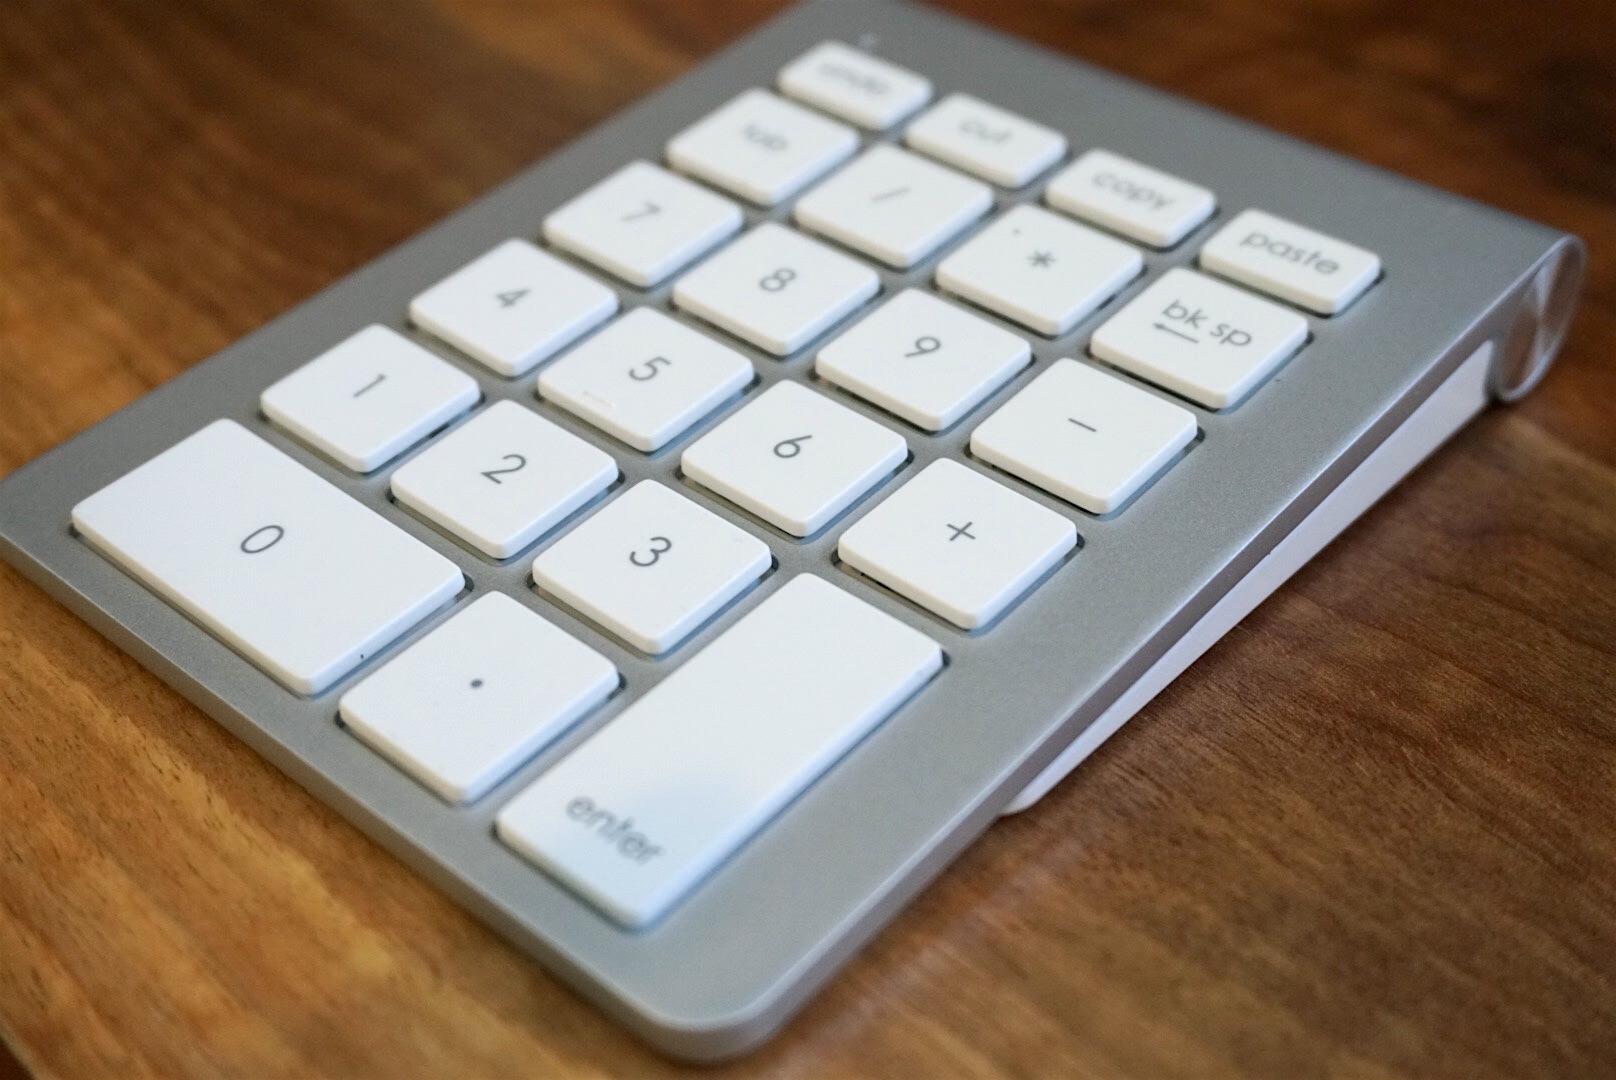 Satechi-Wireless-Keypad-03